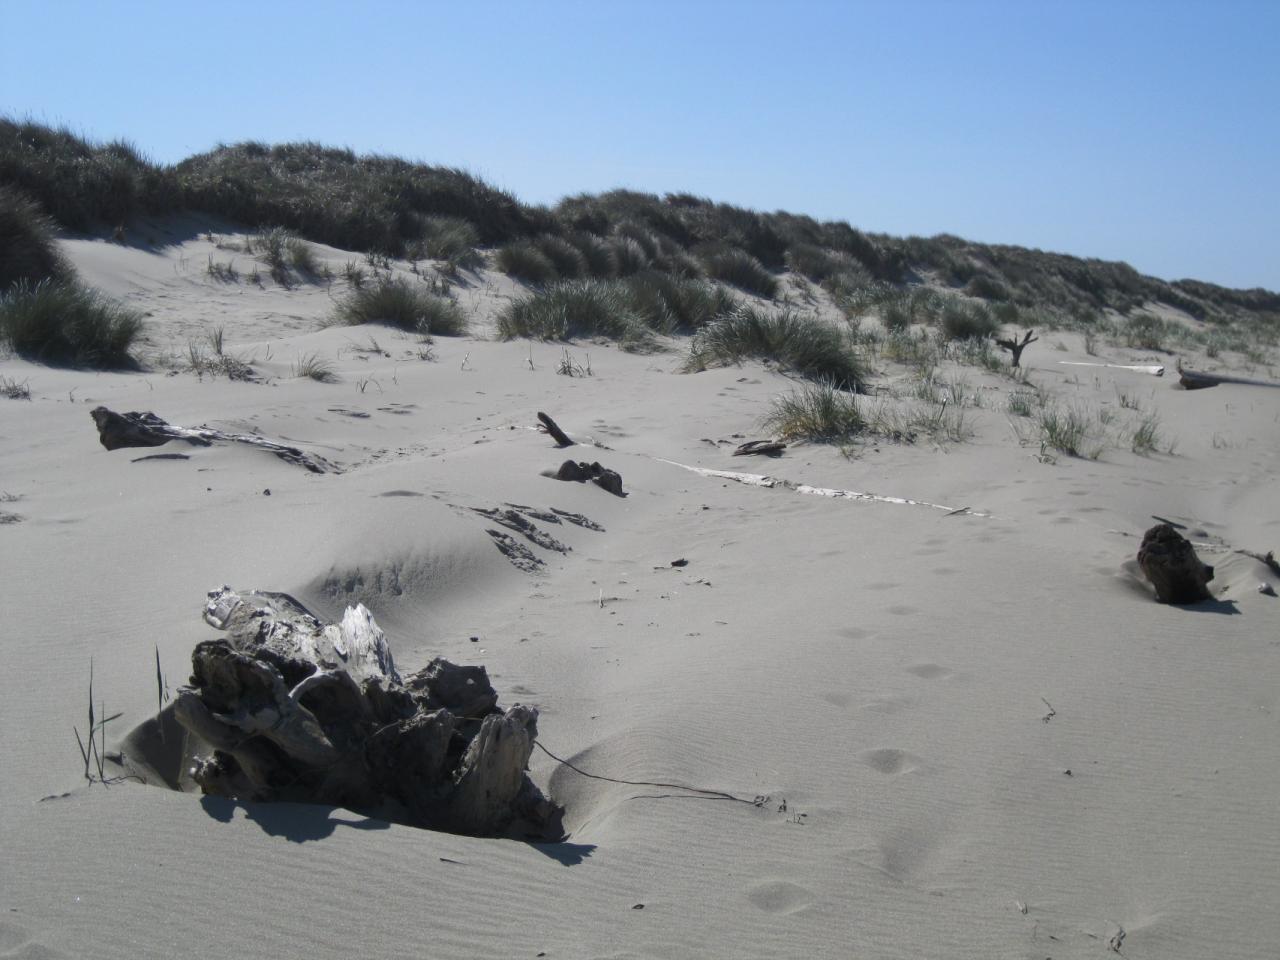 Erosion of coastal dunes after major storm.